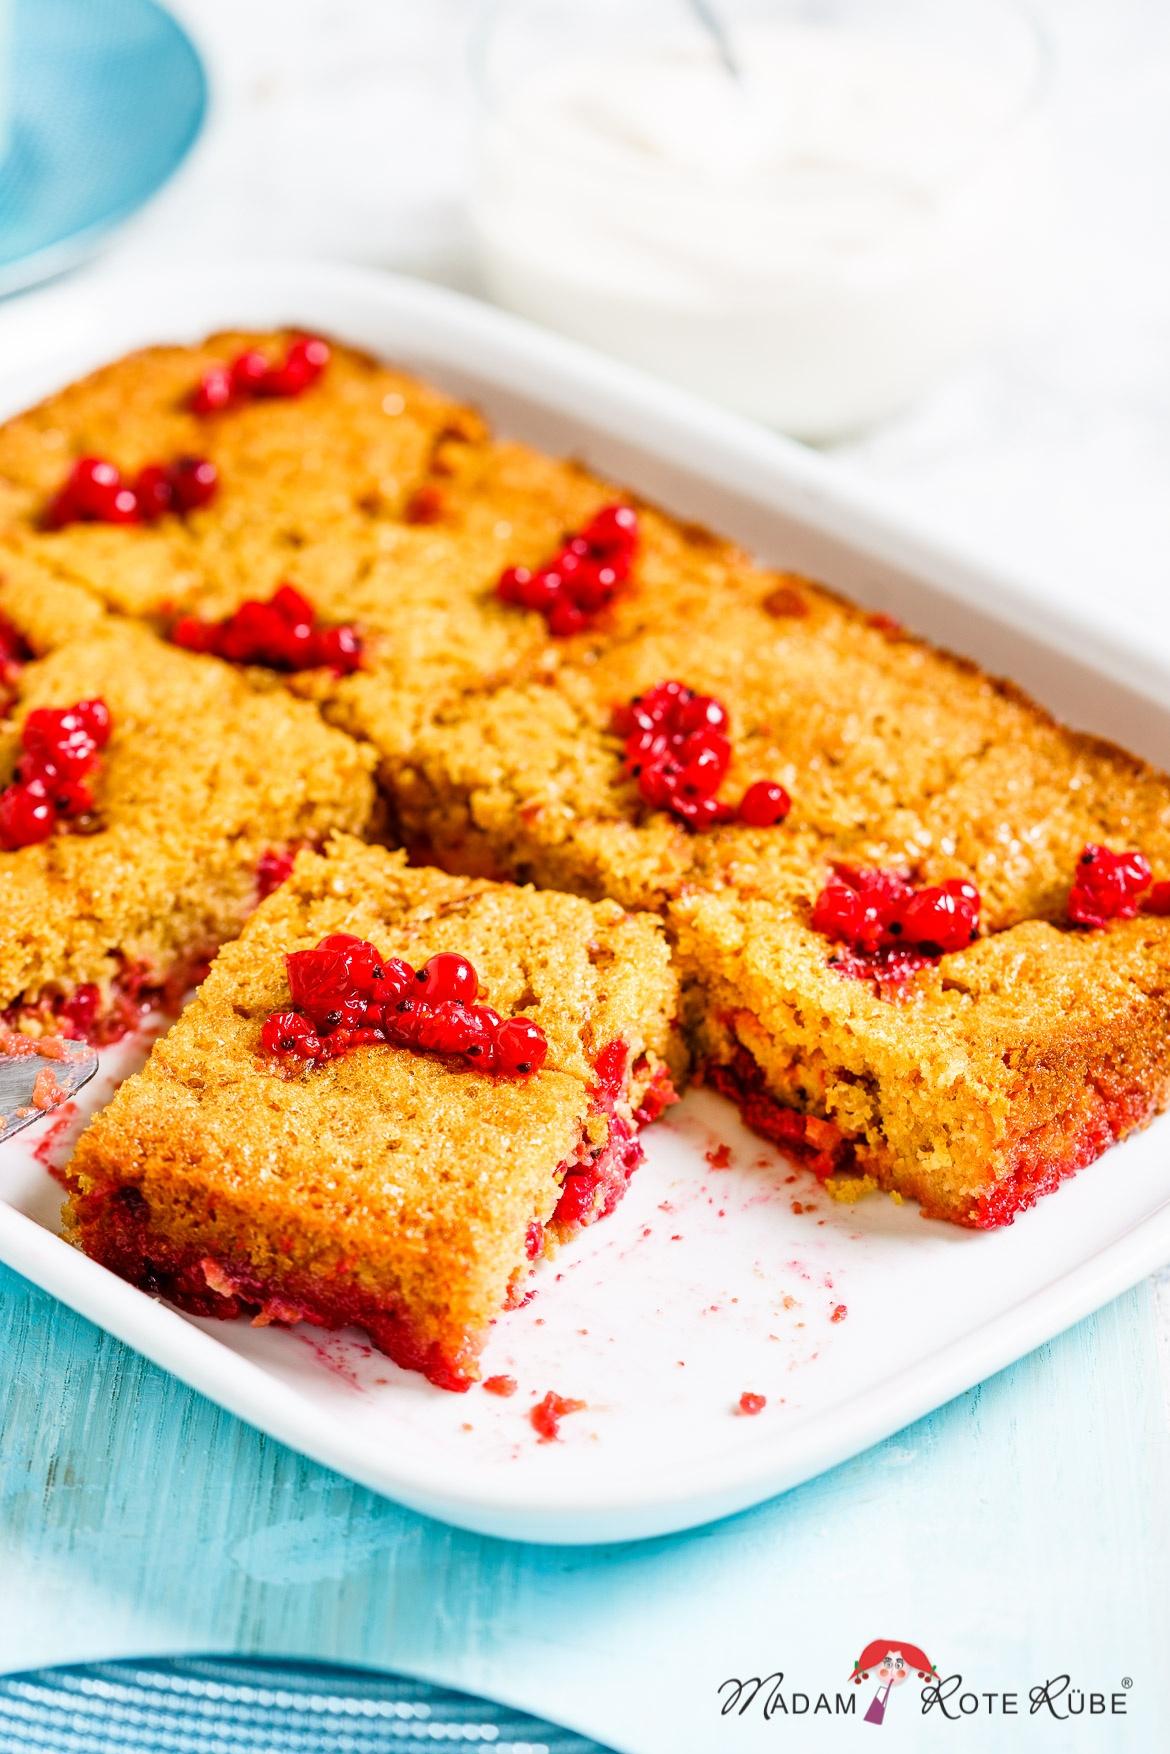 Johannisbeer-Dessertkuchen - Madam Rote Rübe